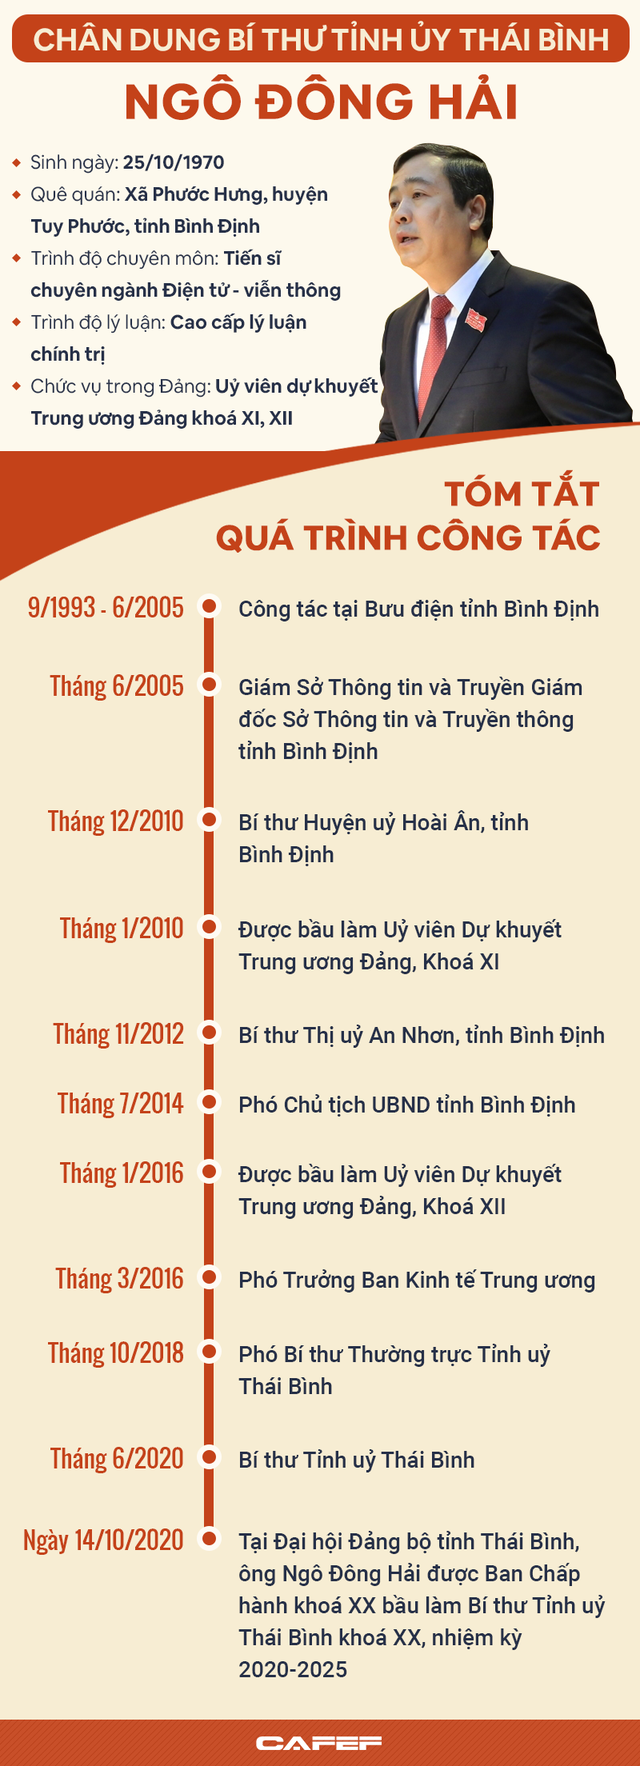 [Infographic]: Chân dung Bí thư Tỉnh ủy Thái Bình Ngô Đông Hải - Ảnh 1.